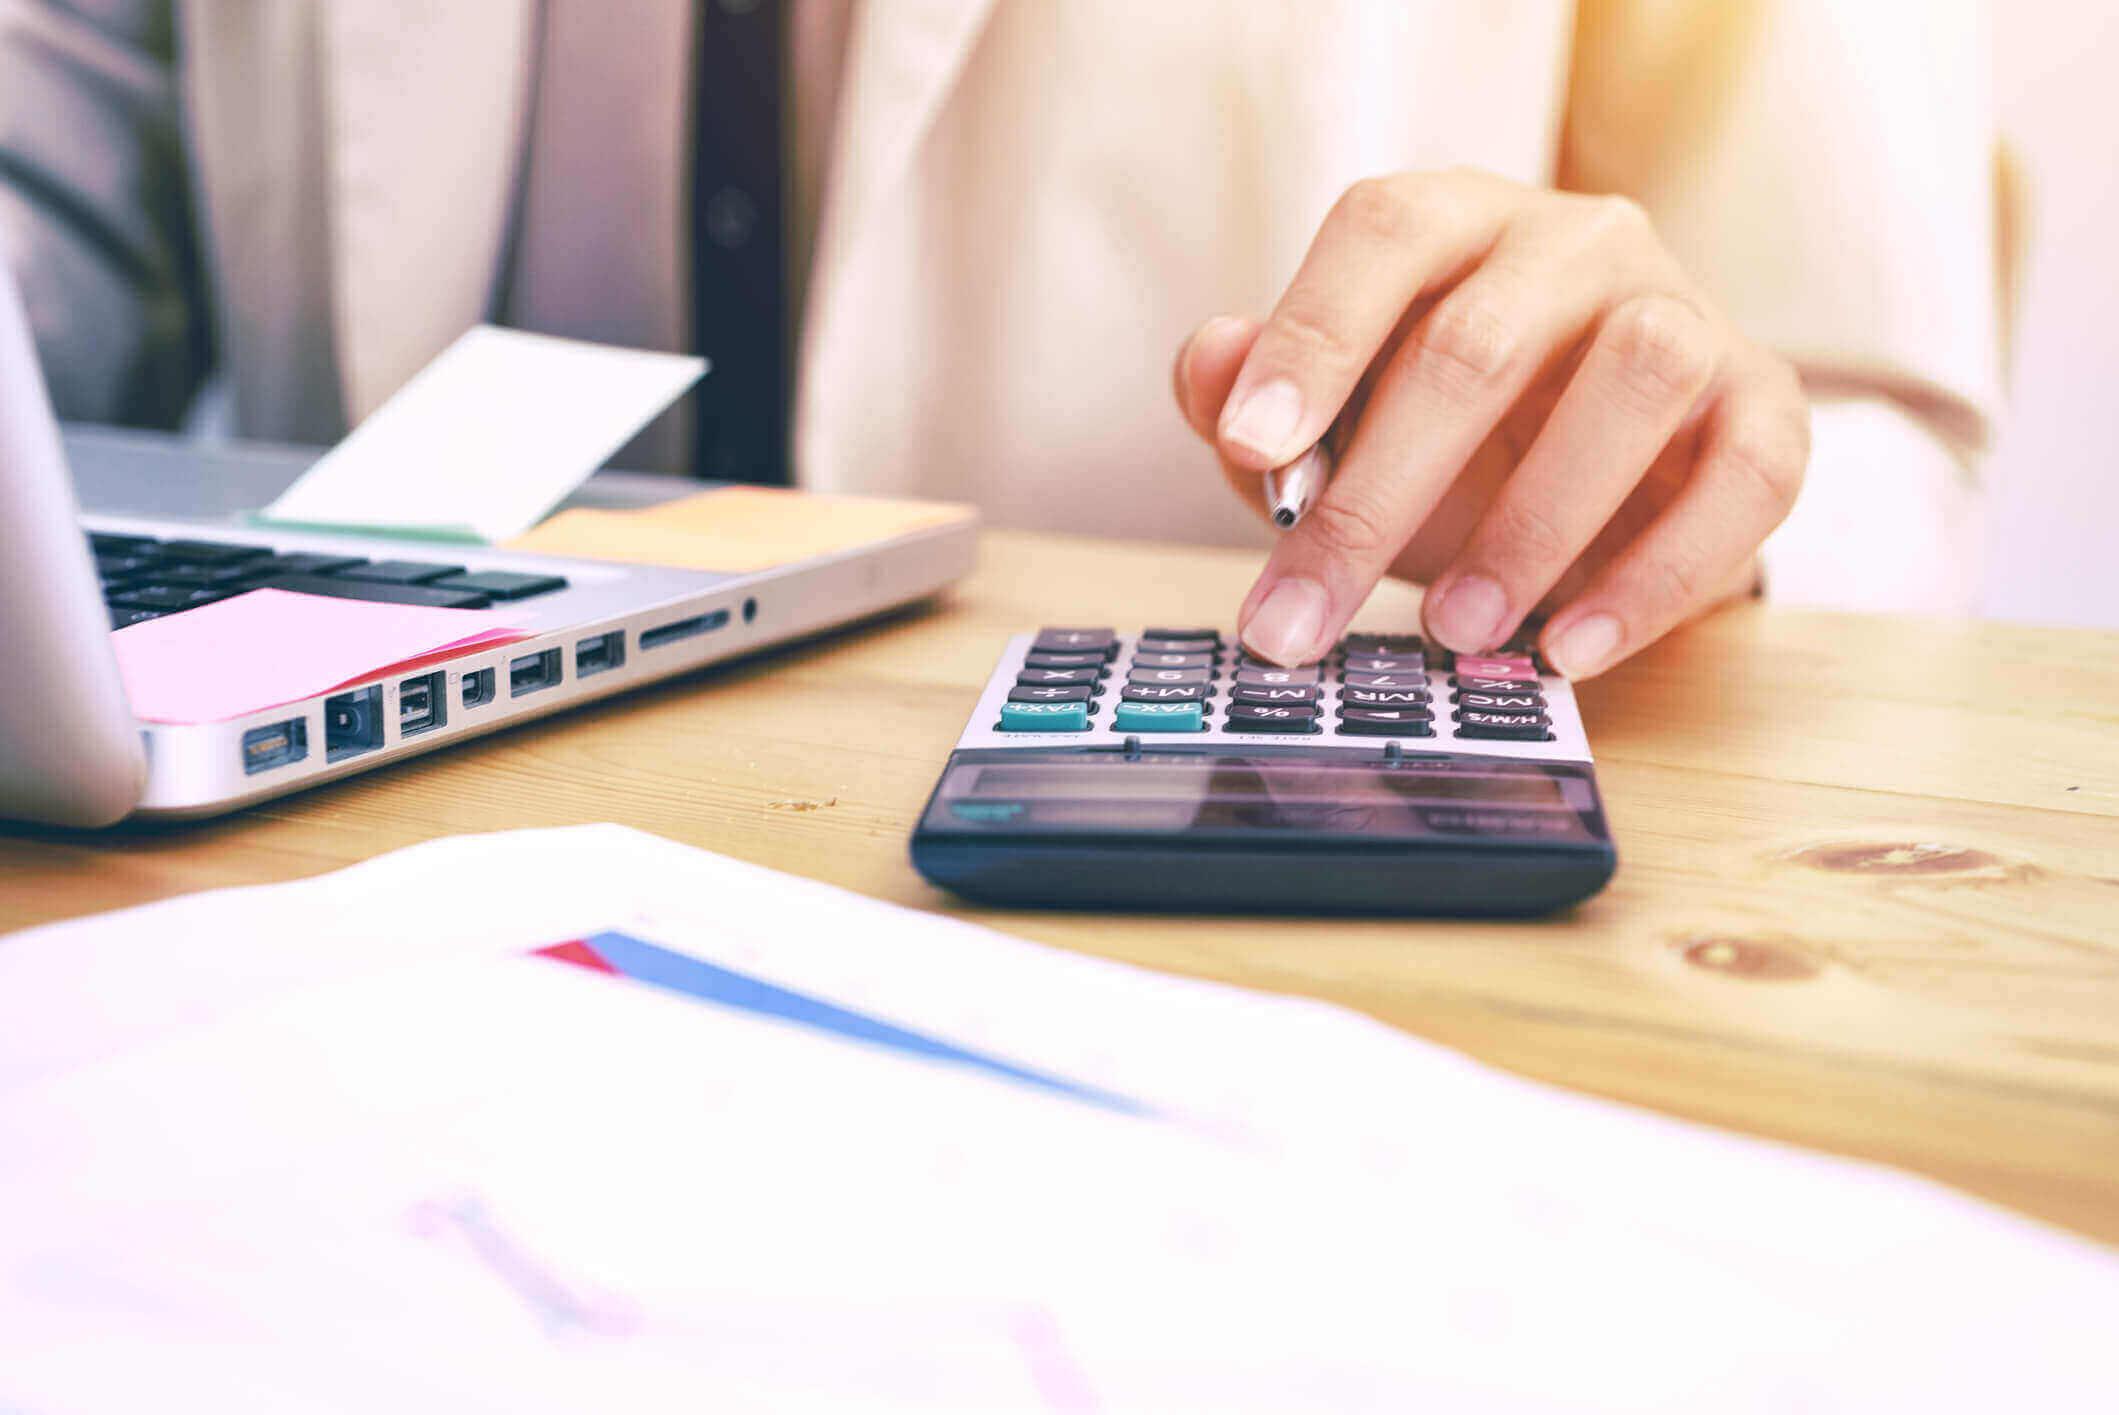 Unternehmenswert berechnen: So hoch ist Ihr Firmenwert